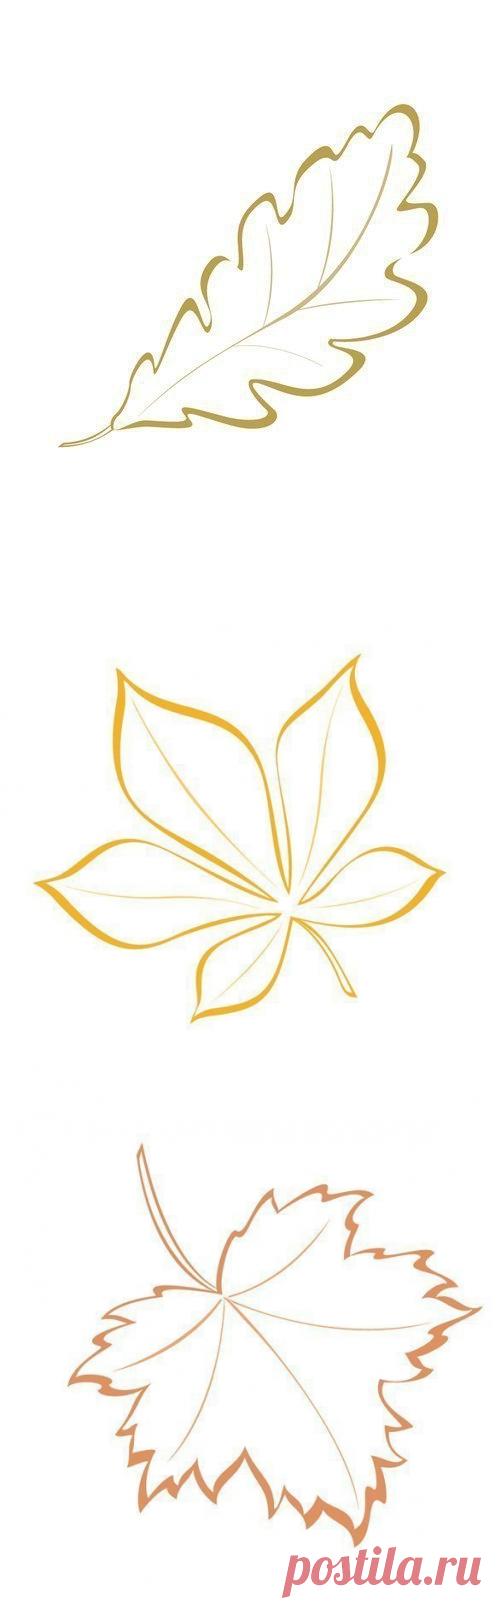 Красивые шаблоны осенних листьев для творчества — Поделки с детьми